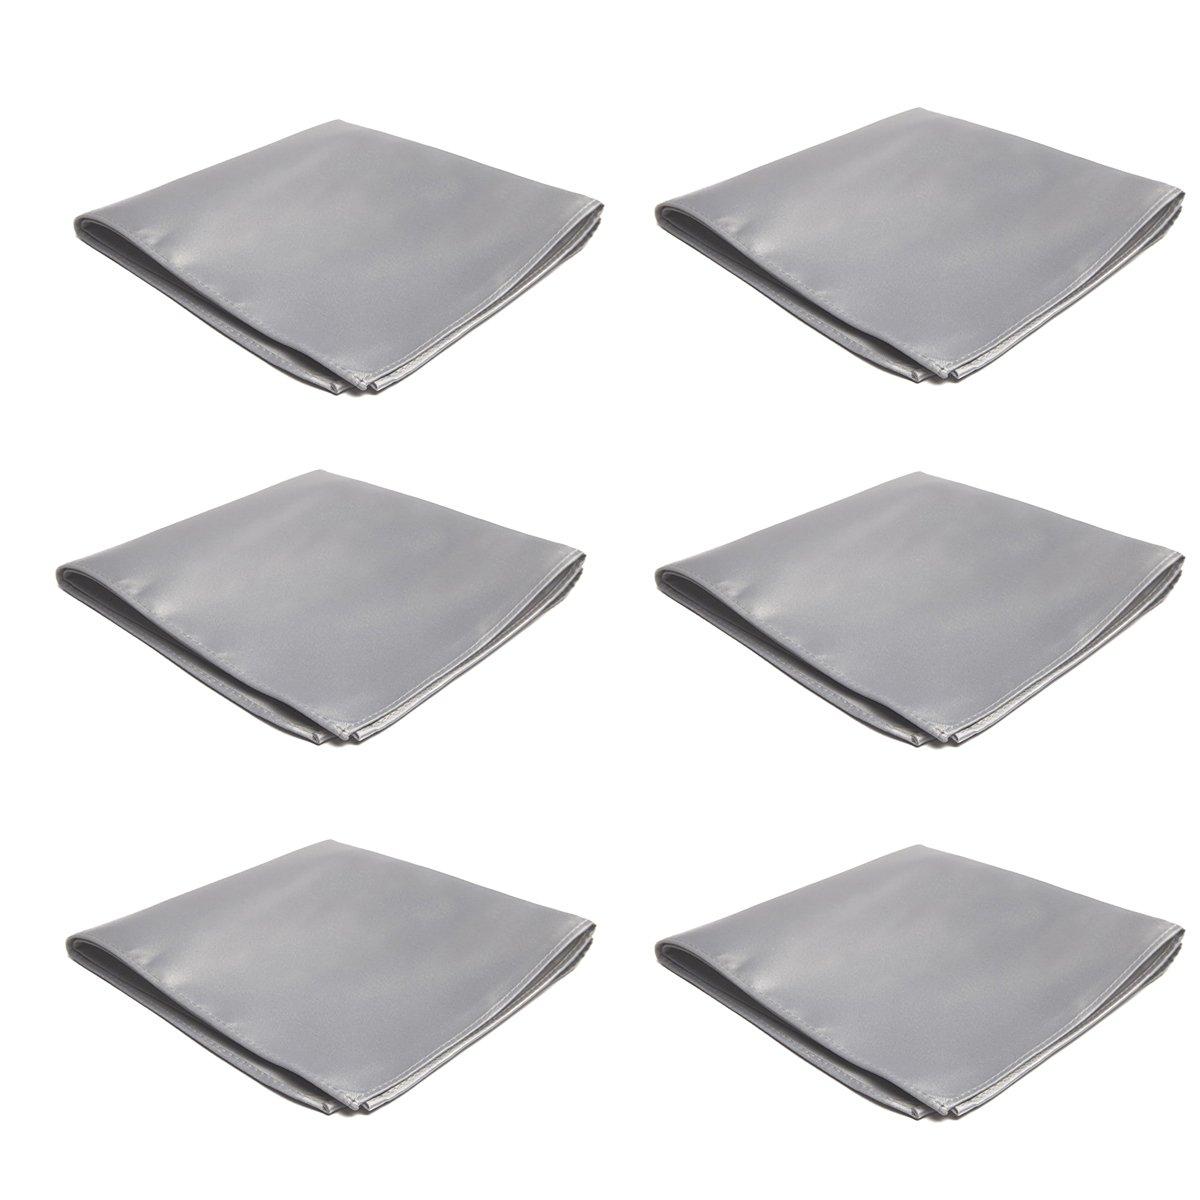 Mens Pocket Squares Handkerchief 6 PK Wedding Party Solid Color Handkerchiefs (Silver)